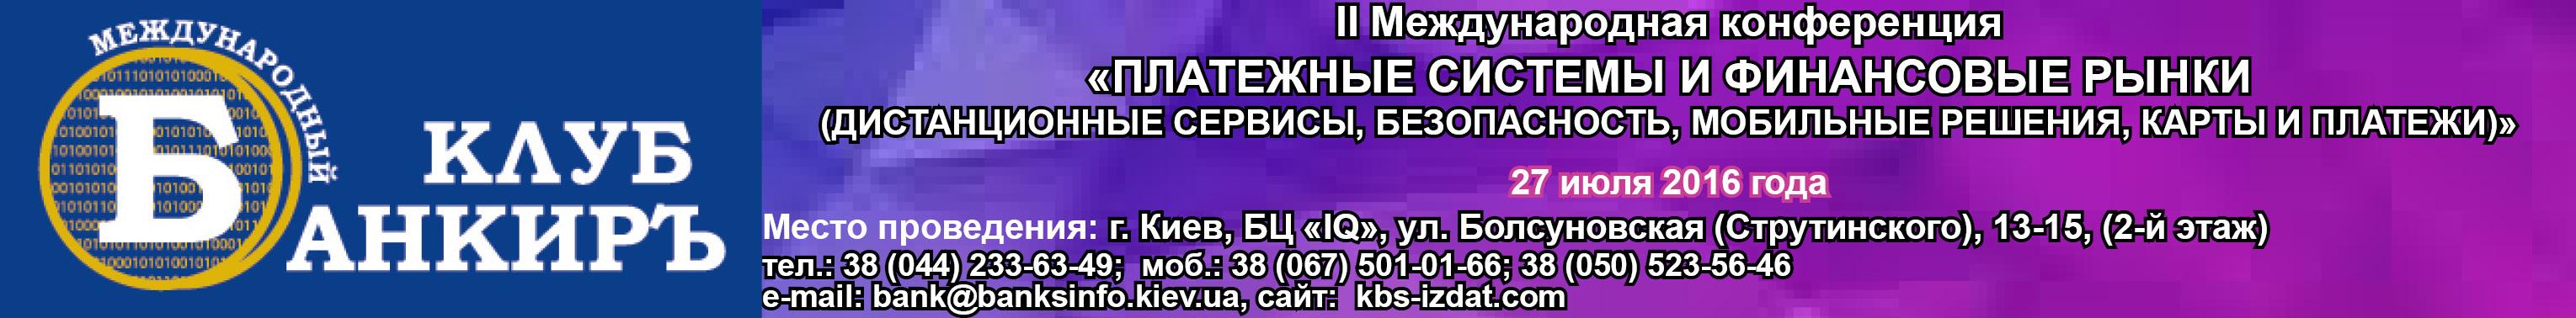 """У Києві пройде ІІ Міжнародна конференція """"Платіжні системи і фінансові ринки"""" - фото 1"""